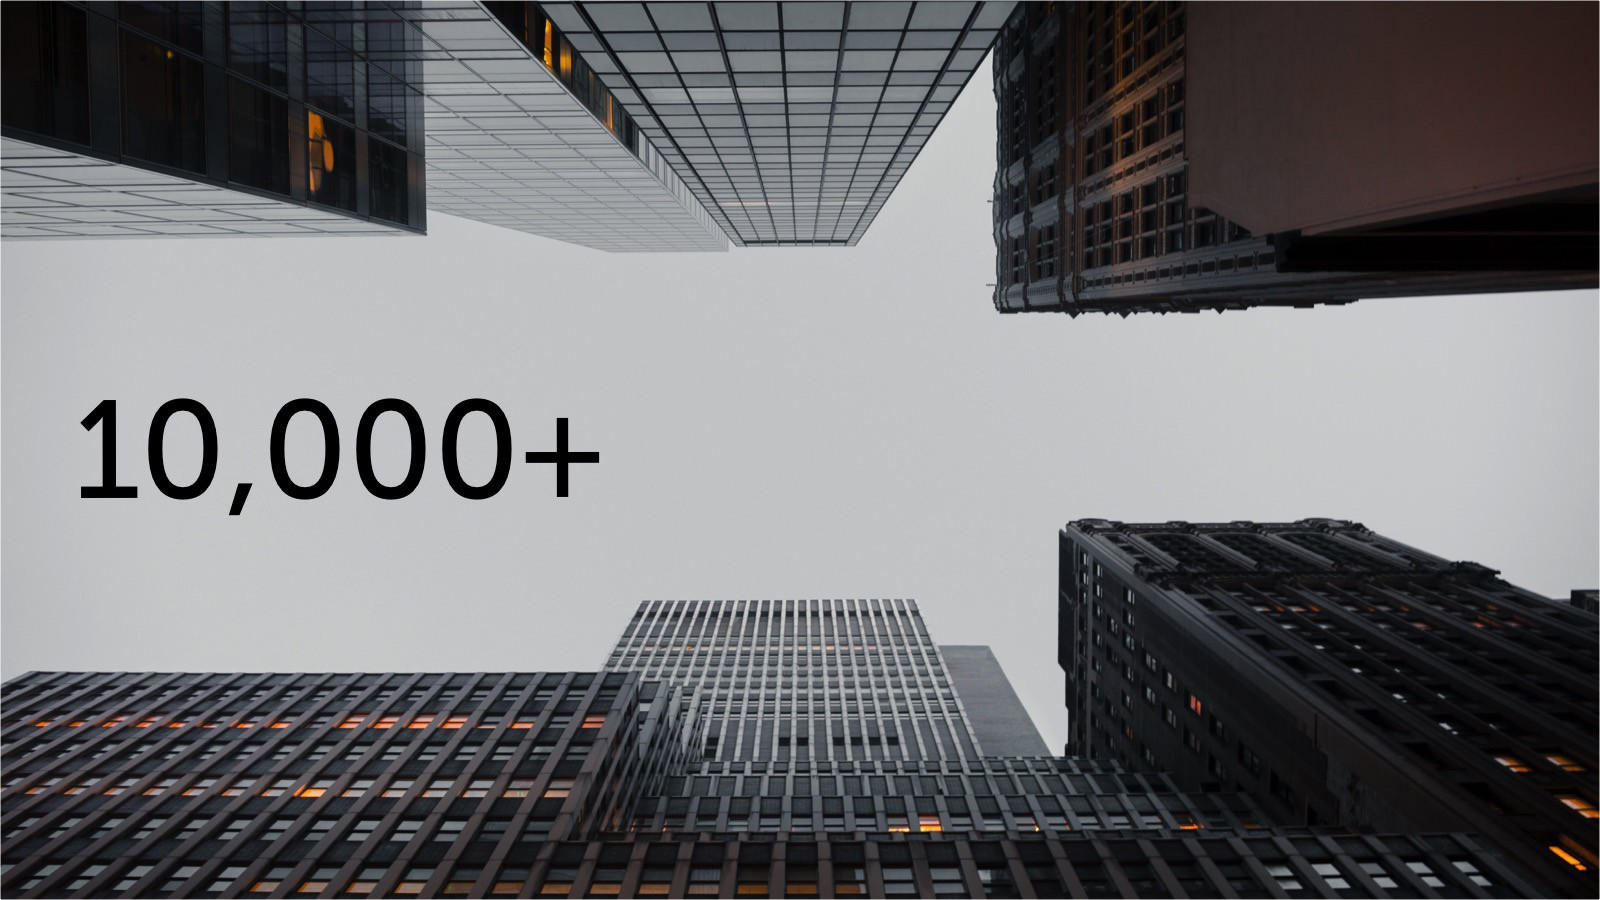 インスタグラムの企業アカウントが1万社を突破